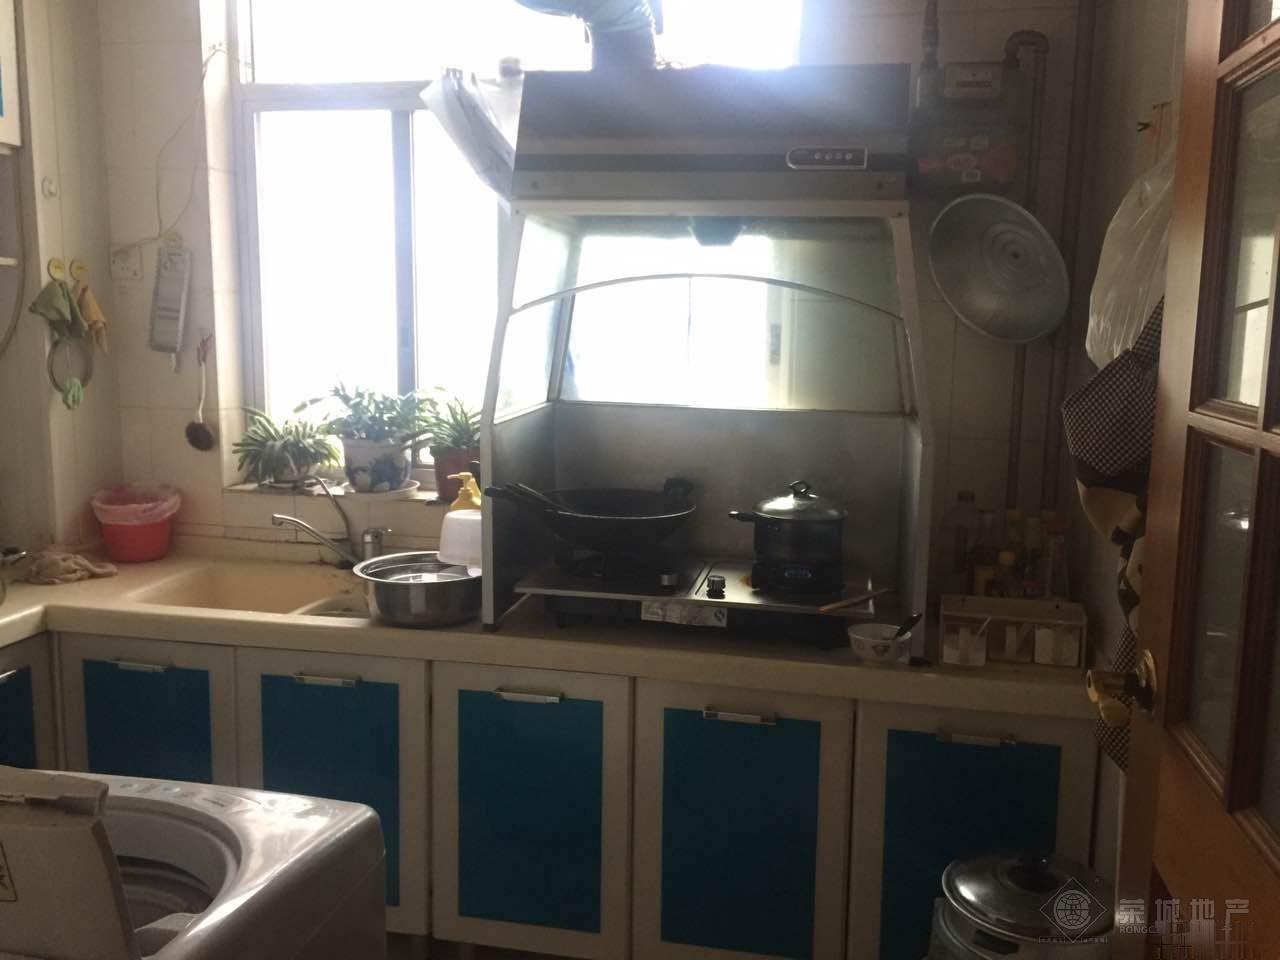 春城路上海沙龙对面云铝小区三室精装修满两年出售75万